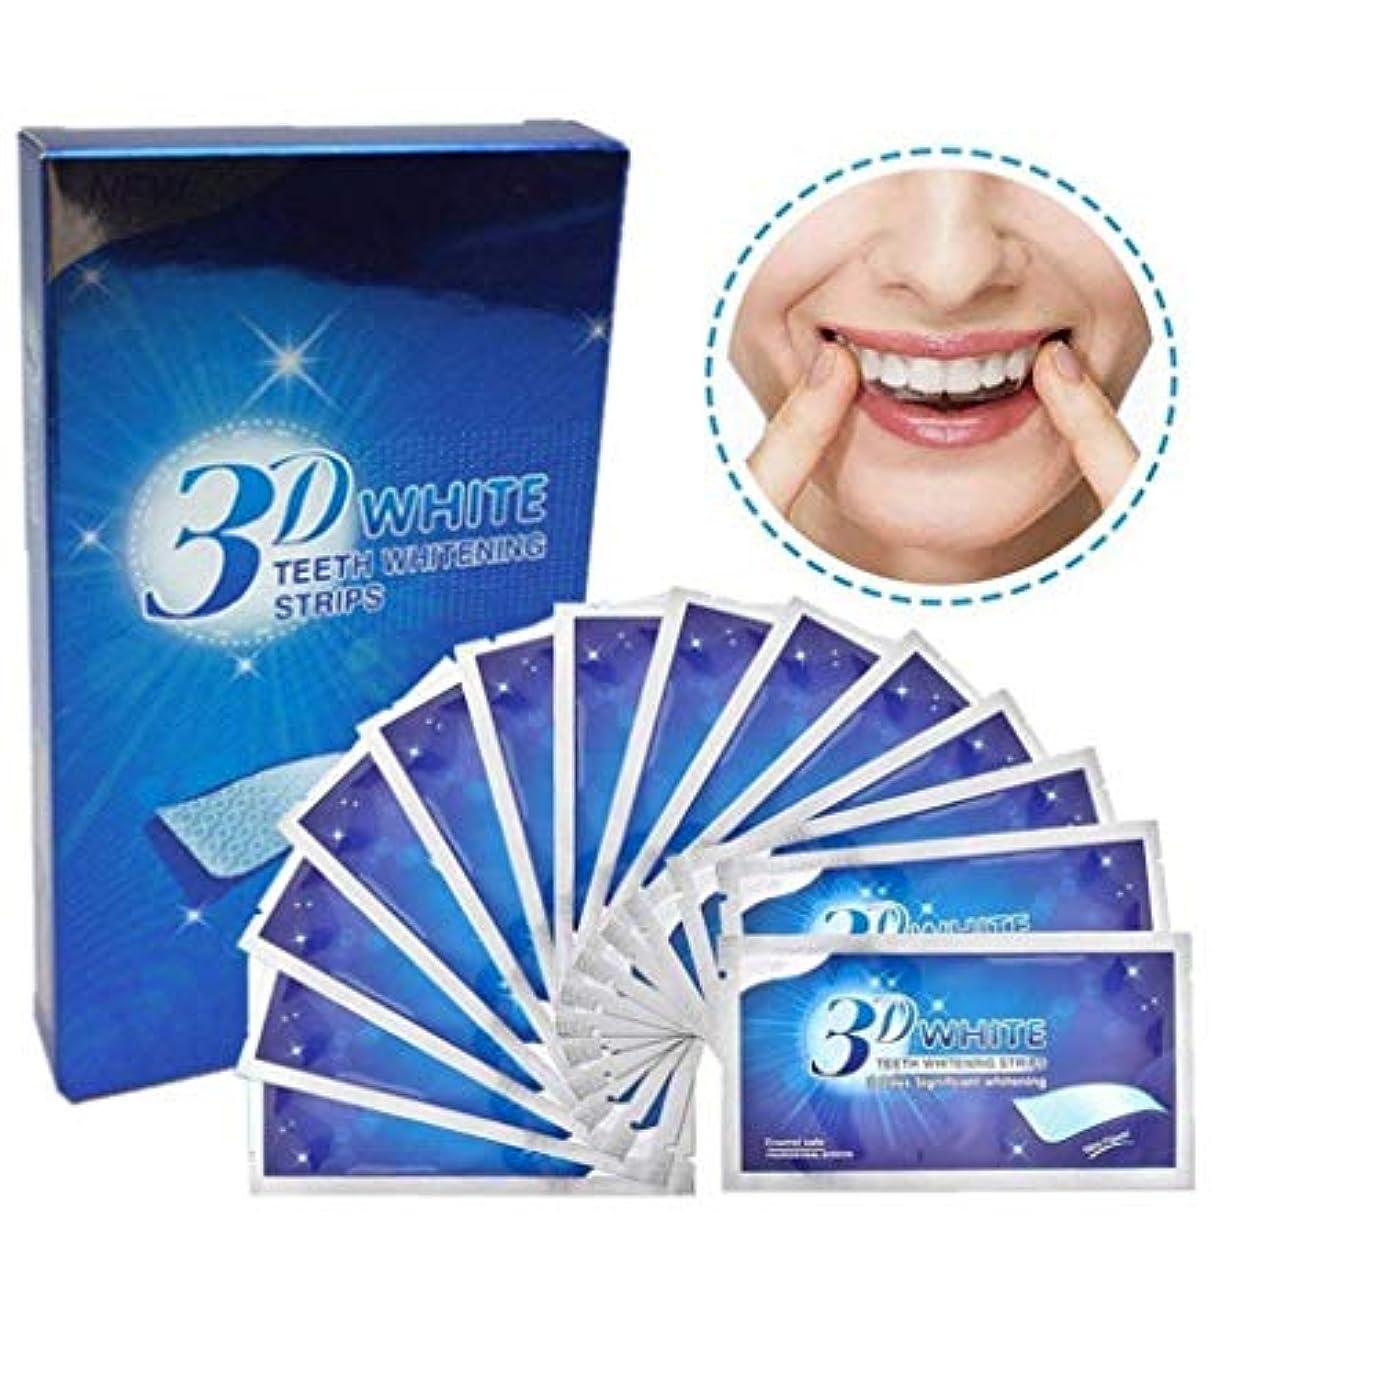 こどもセンター感心するちょうつがいWENER 歯を白くするストリップ、プロフェッショナルな歯を漂白するゲルストリップ有効な歯科用ケアキット歯垢を除去しますー14パック28枚 ドライ ホワイトニング